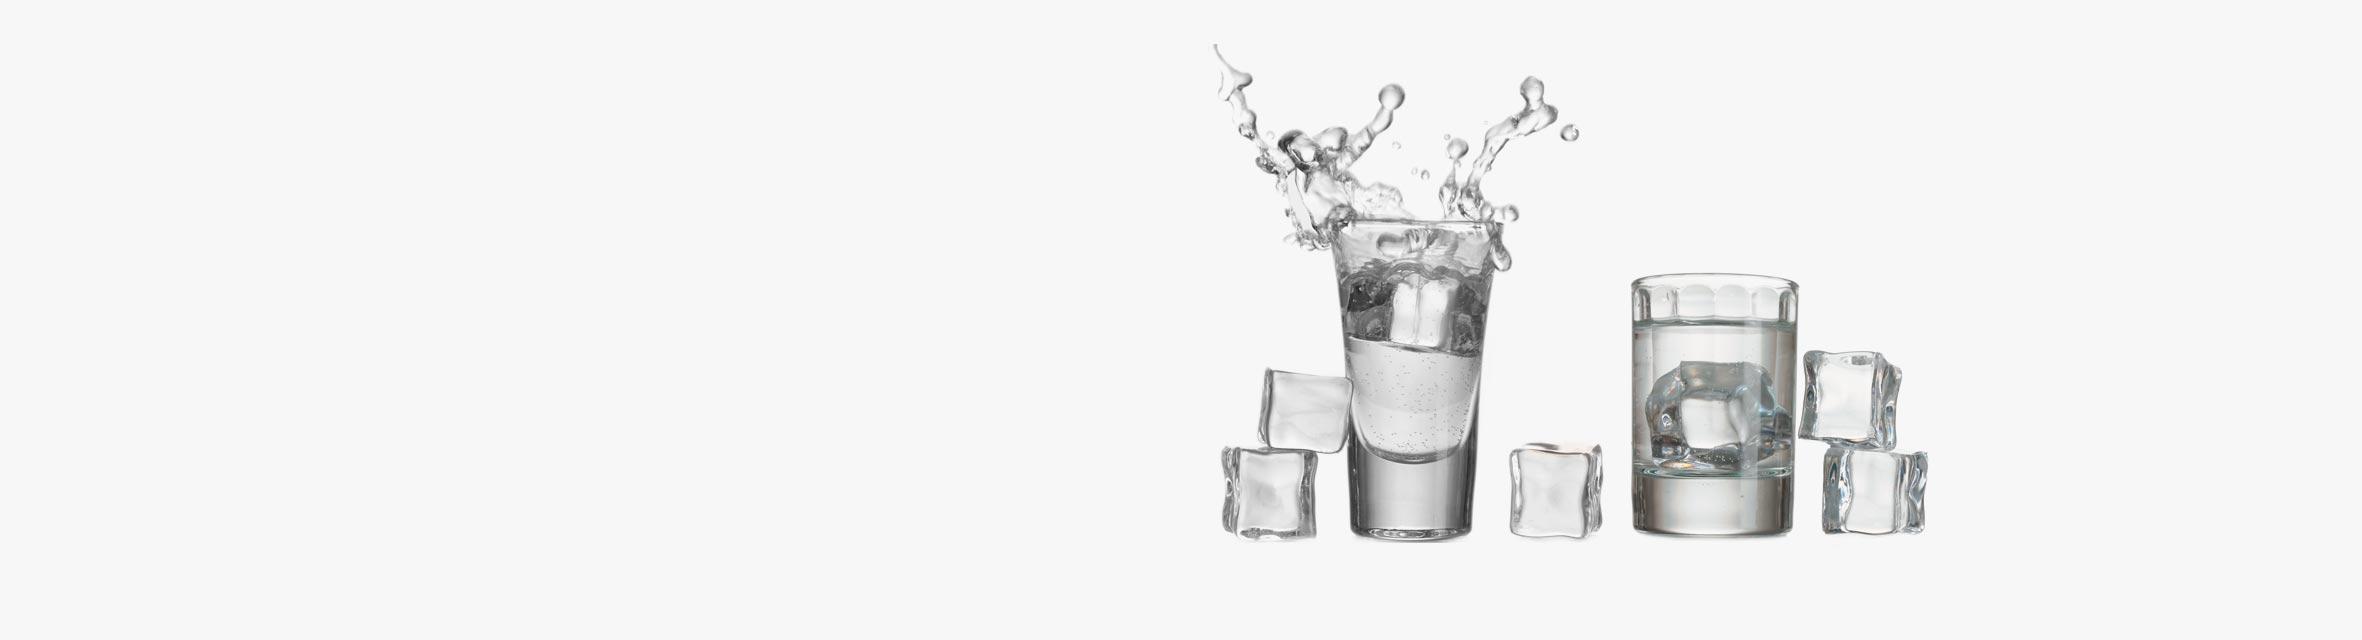 agua purificada y la ósmosis inversa